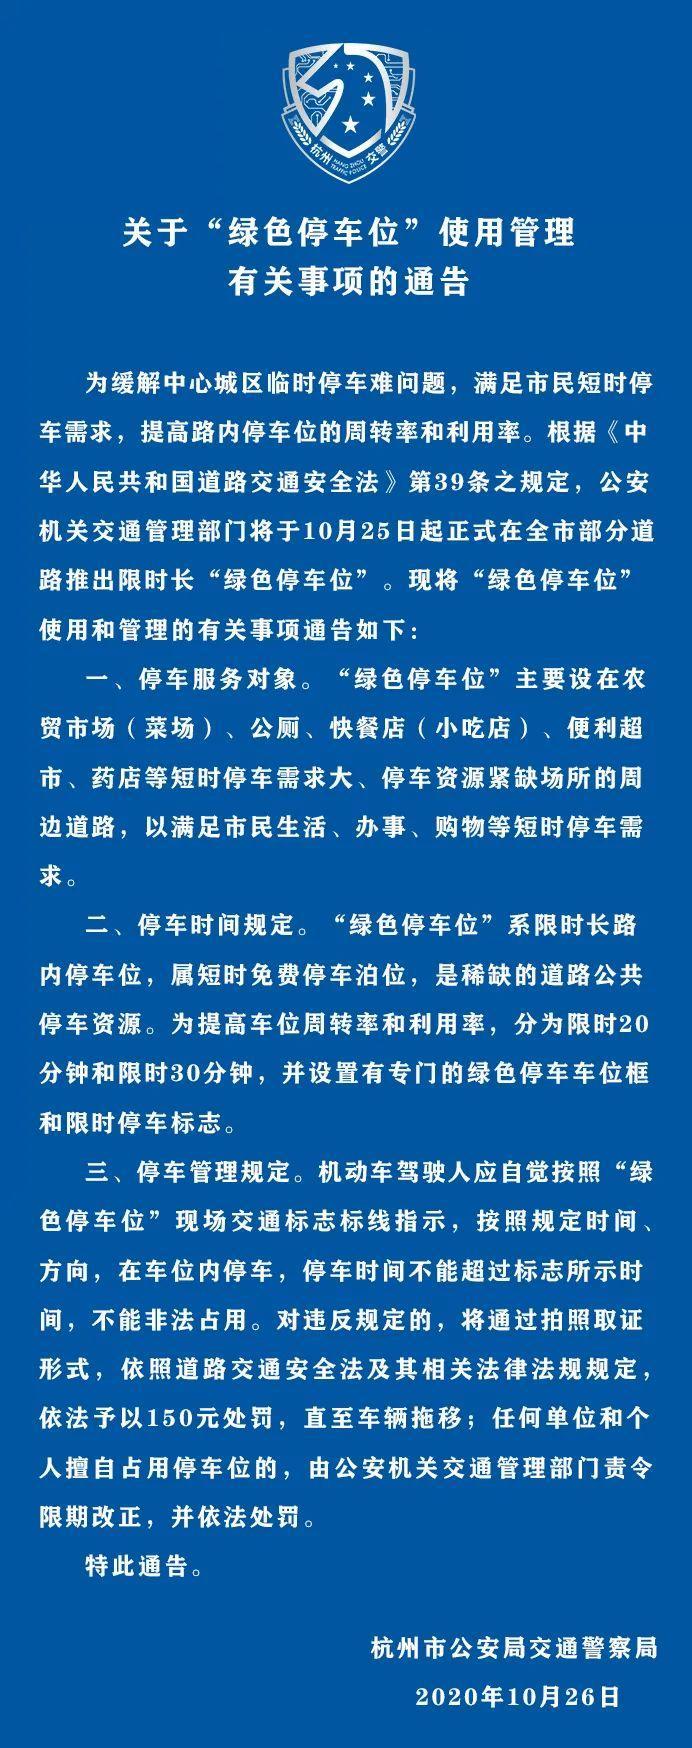 杭州交警发布通告:市区绿色停车位一旦超时将罚款150元,甚至还会拖车